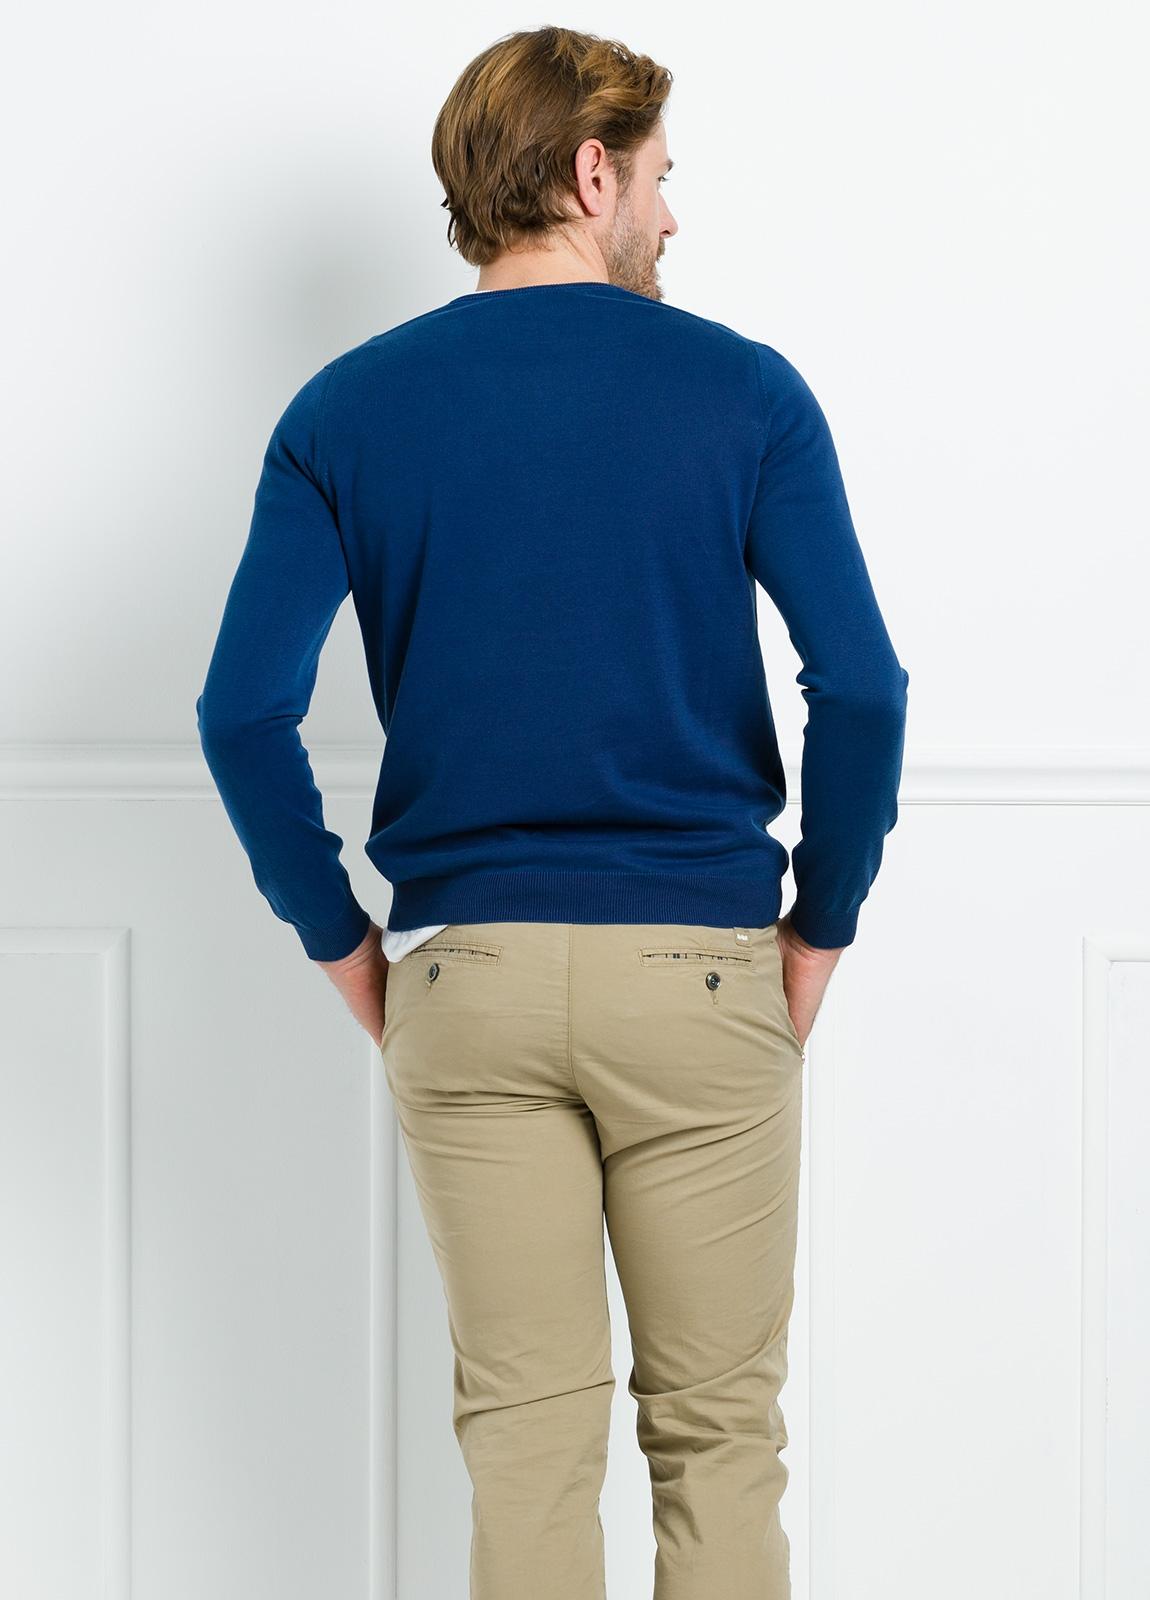 Jersey liso cuello pico color azul. 100% Algodón lavado. - Ítem1